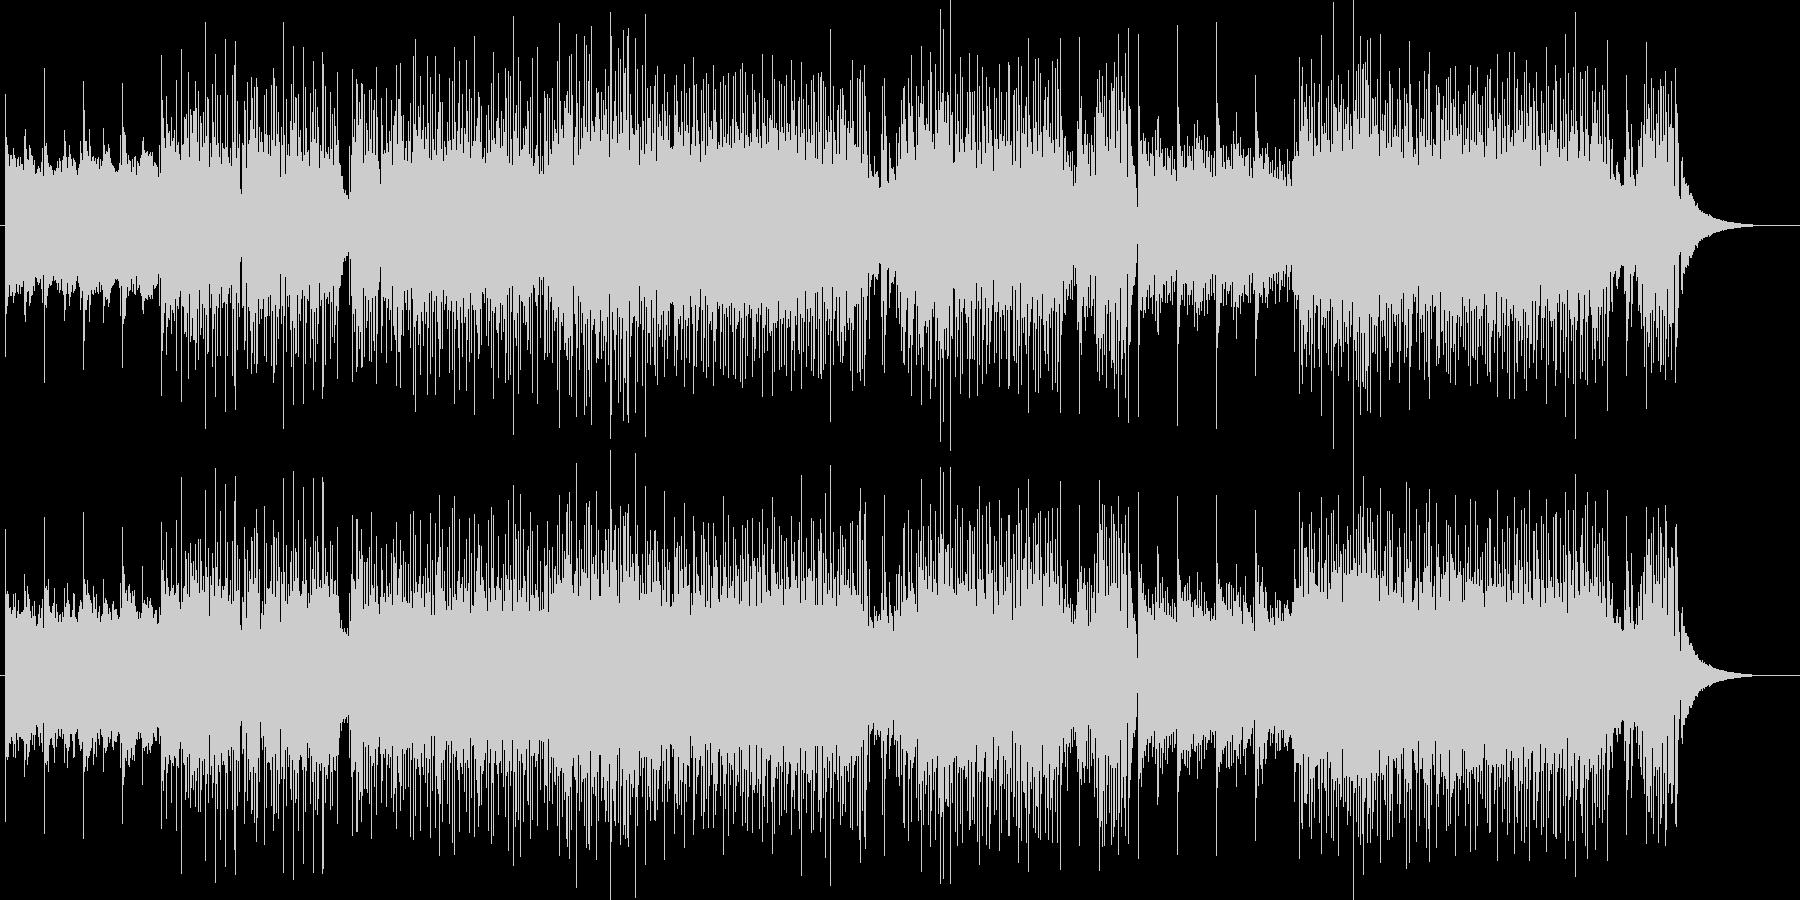 和風ゲームのメインにはなれない曲wスカ…の未再生の波形